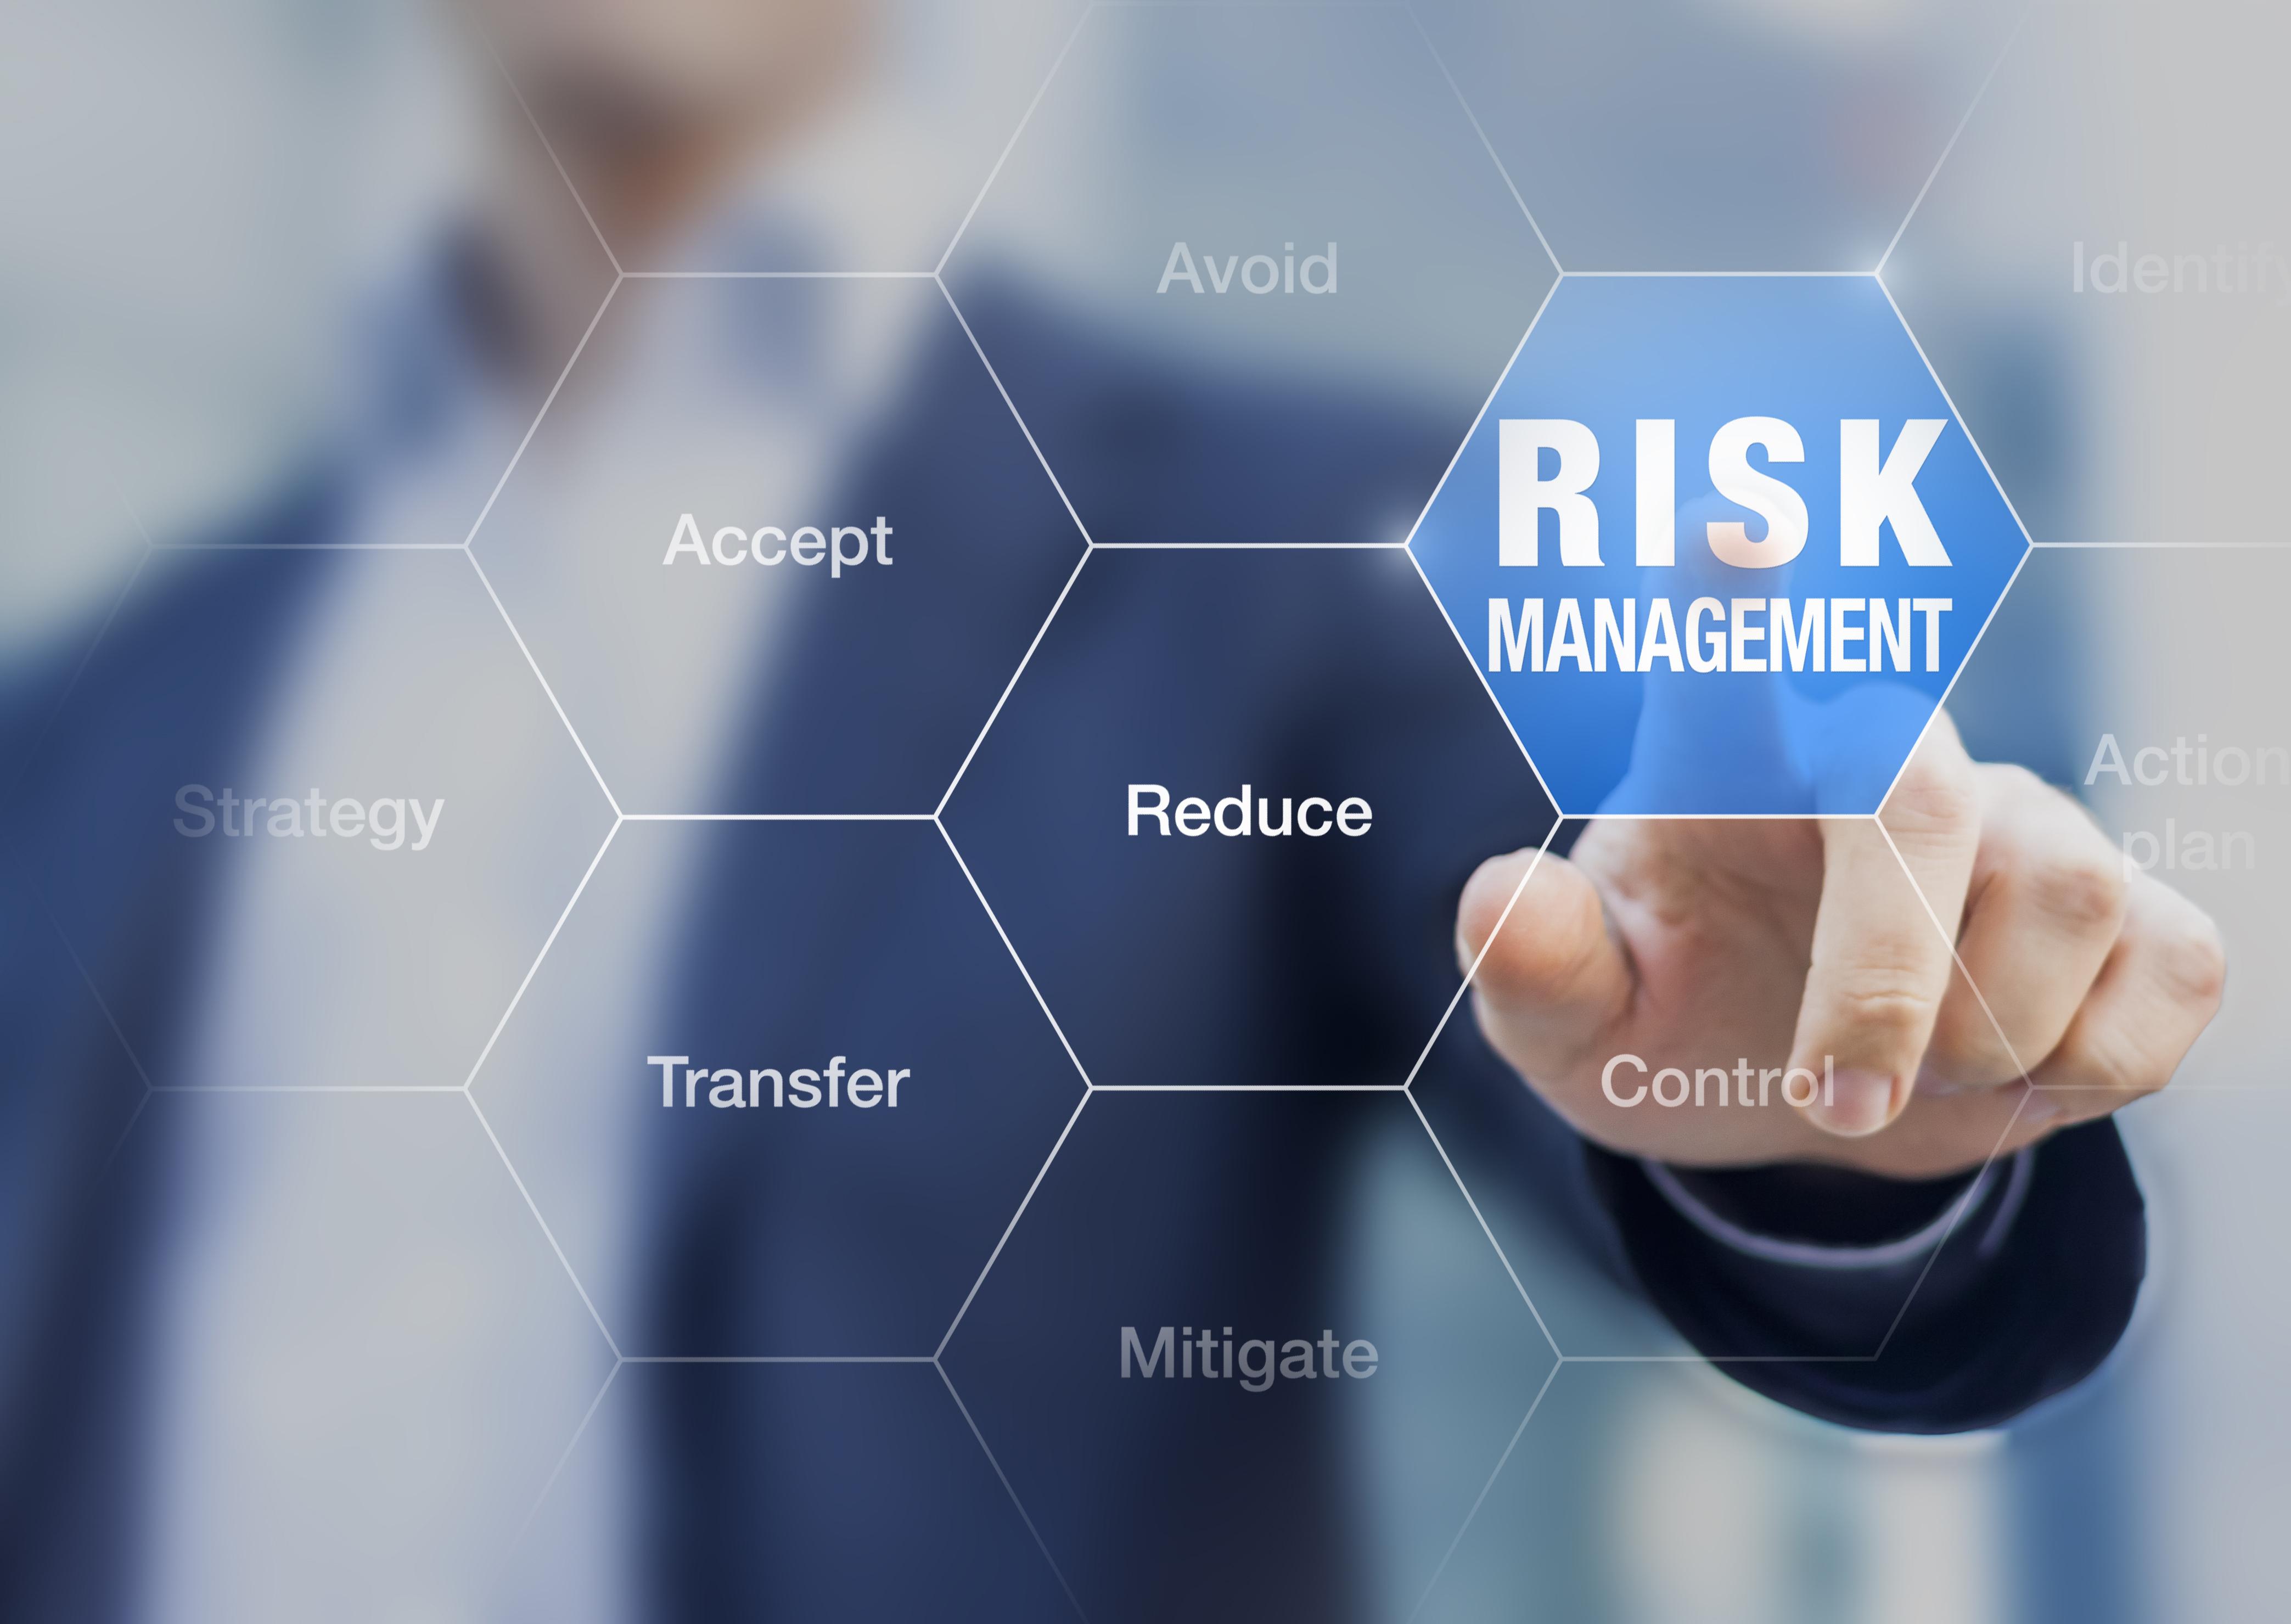 Risk management definition